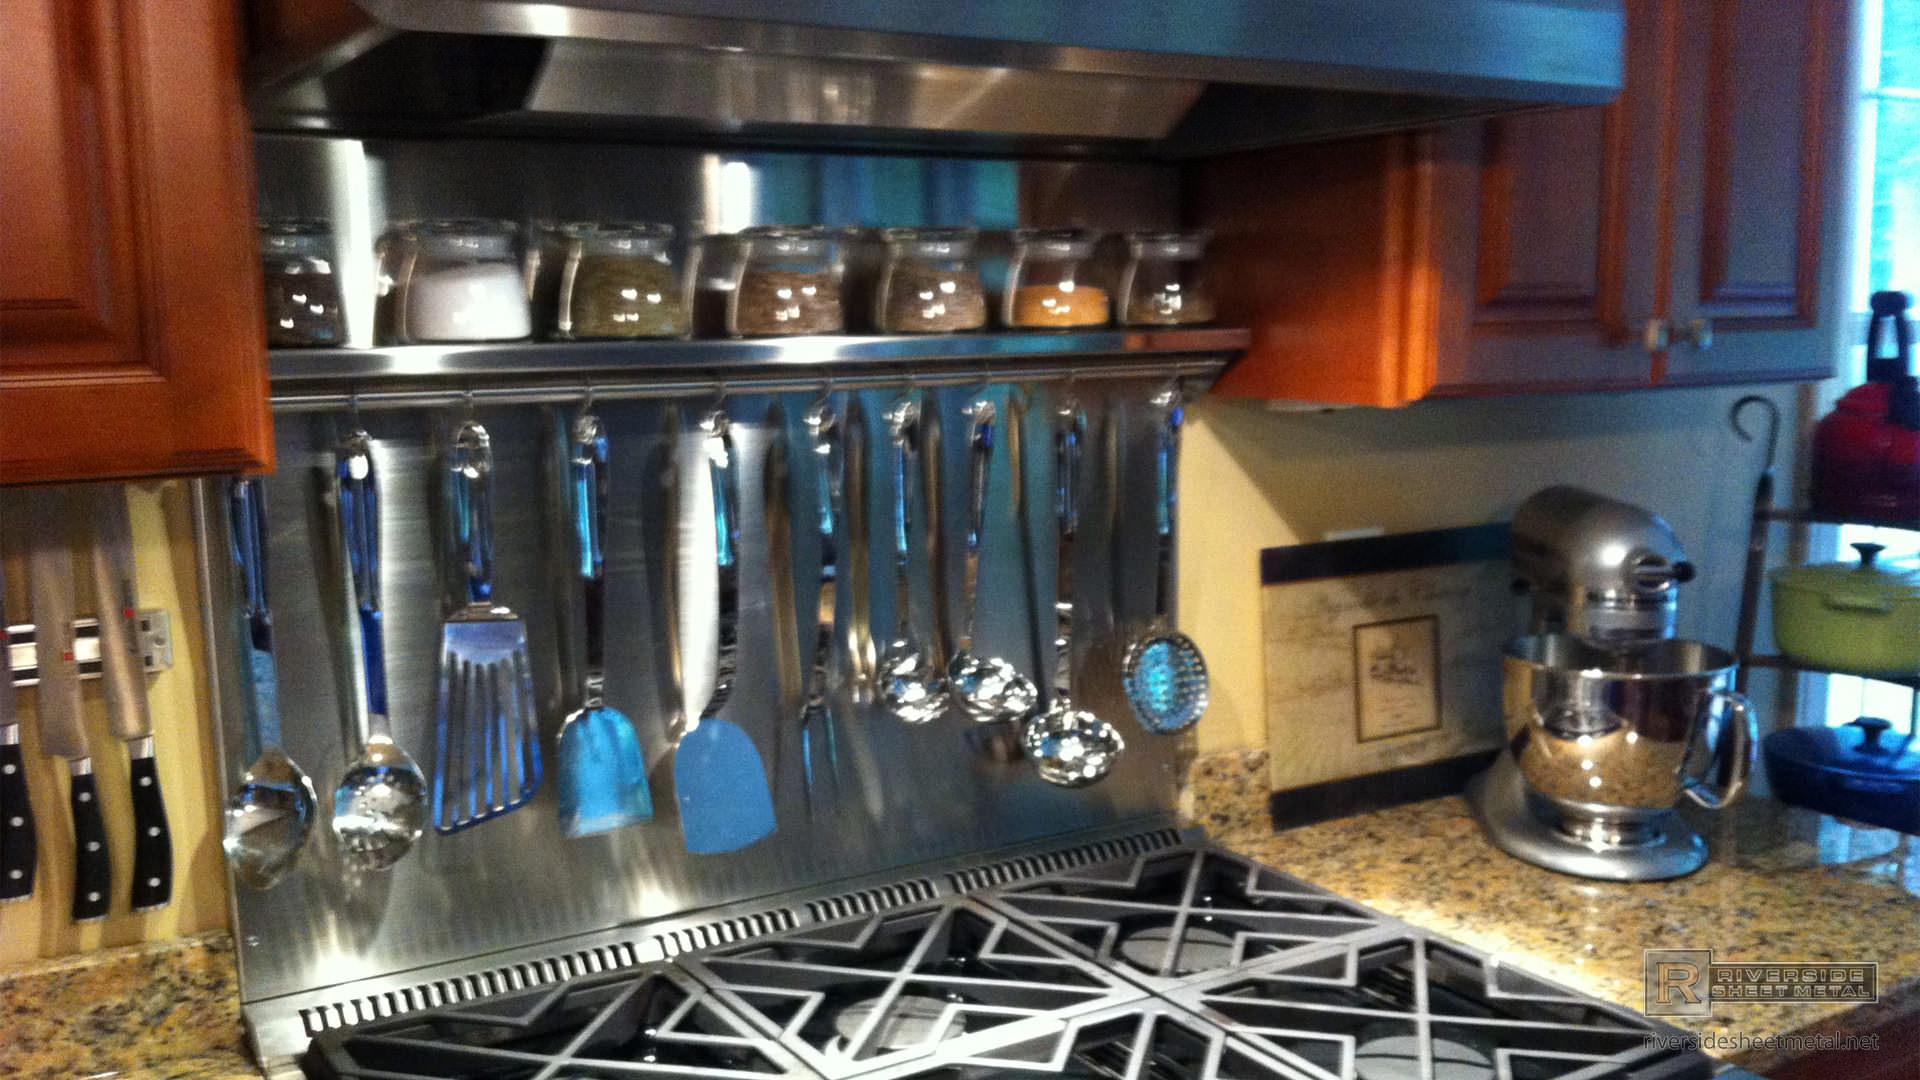 Custom Stainless Steel Spice Rack Riverside Medford Ma